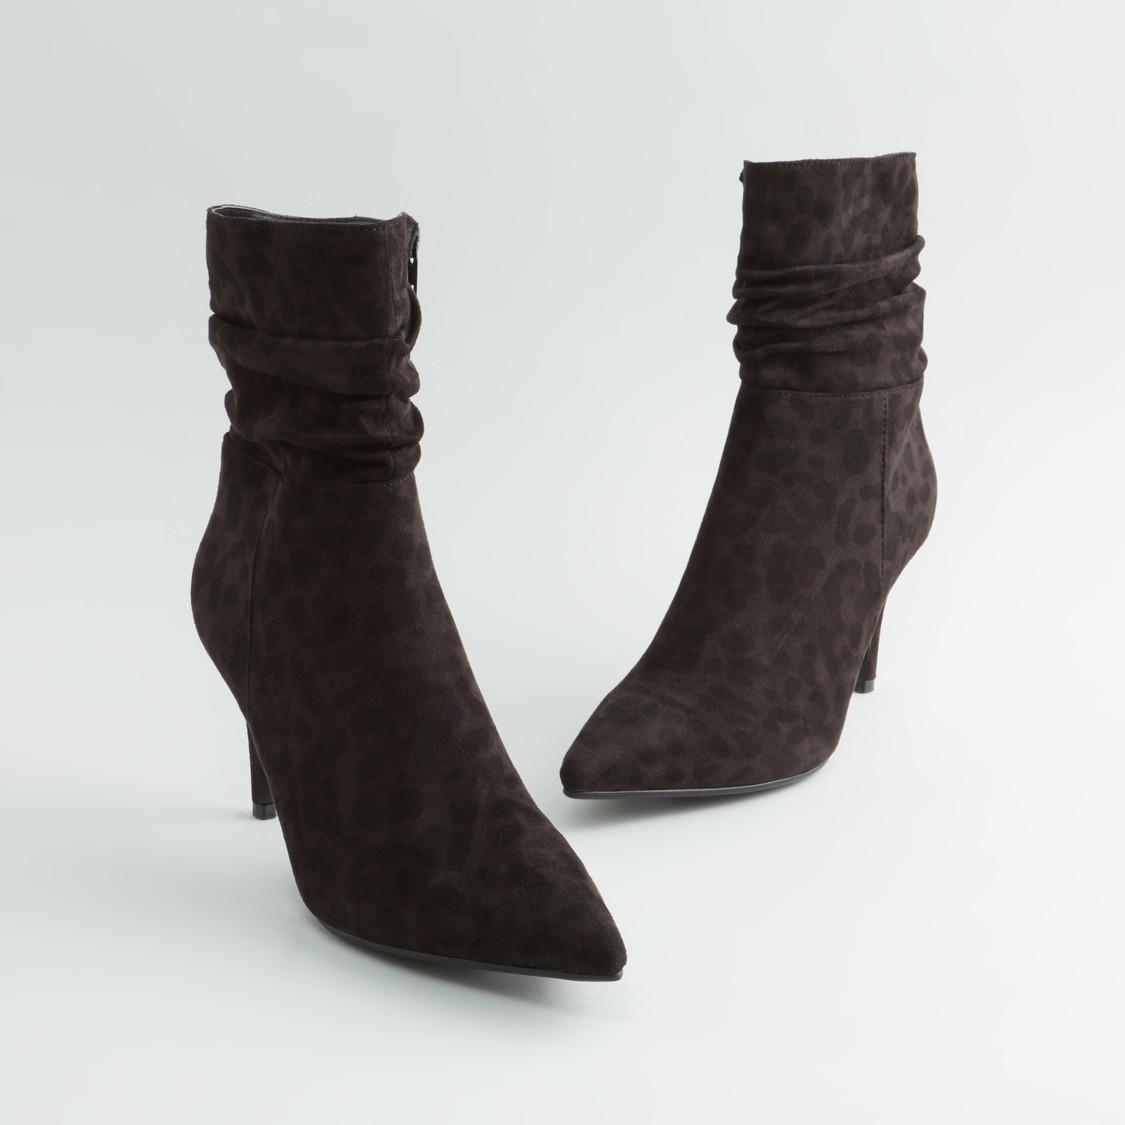 حذاء طويل بكعب عالي رفيع مع سحّاب إغلاق و طبعات